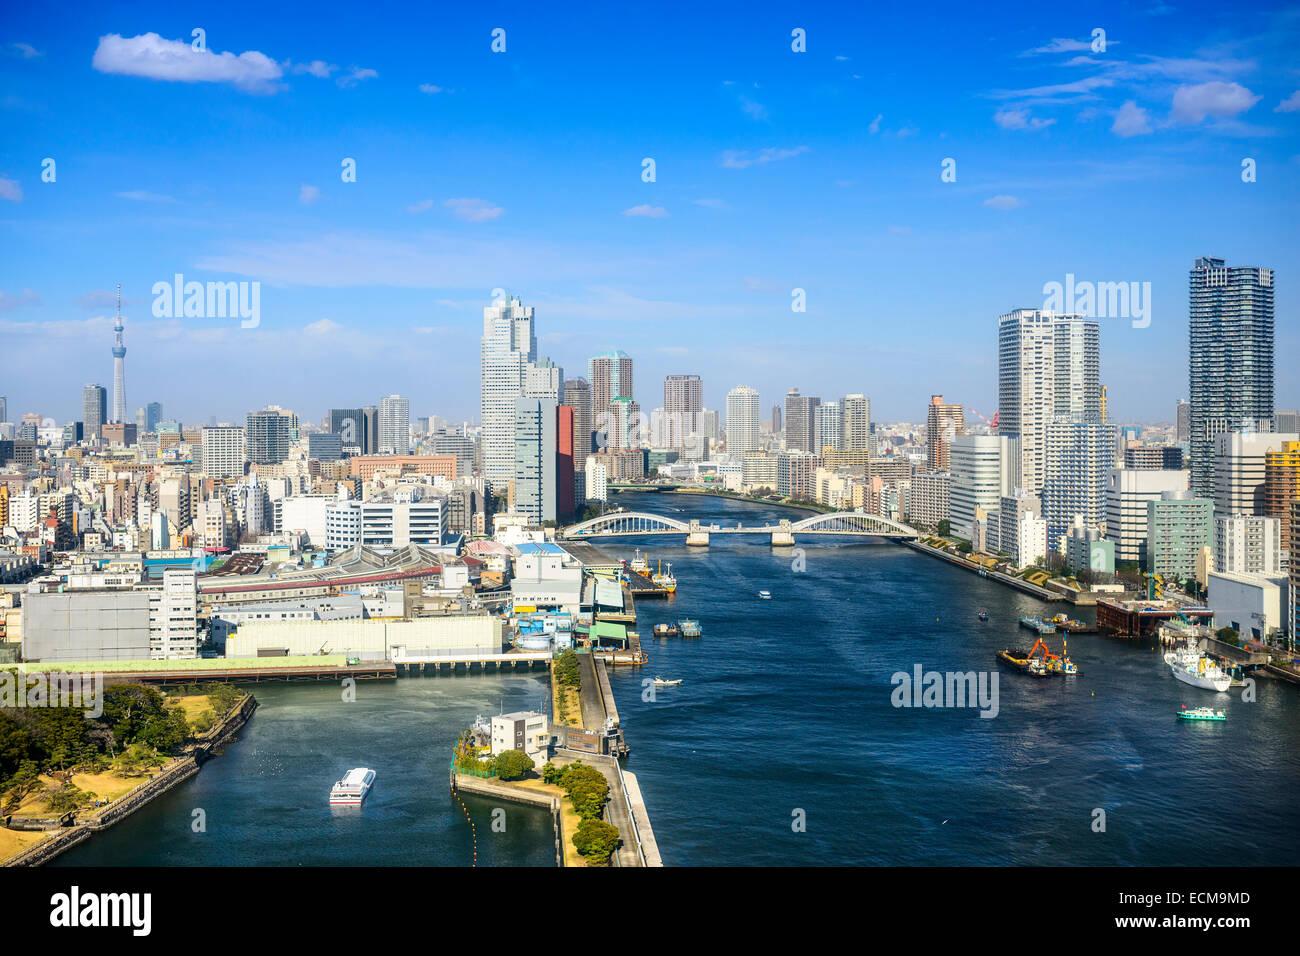 Tokyo, Giappone skyline della città sul fiume Sumida. Immagini Stock